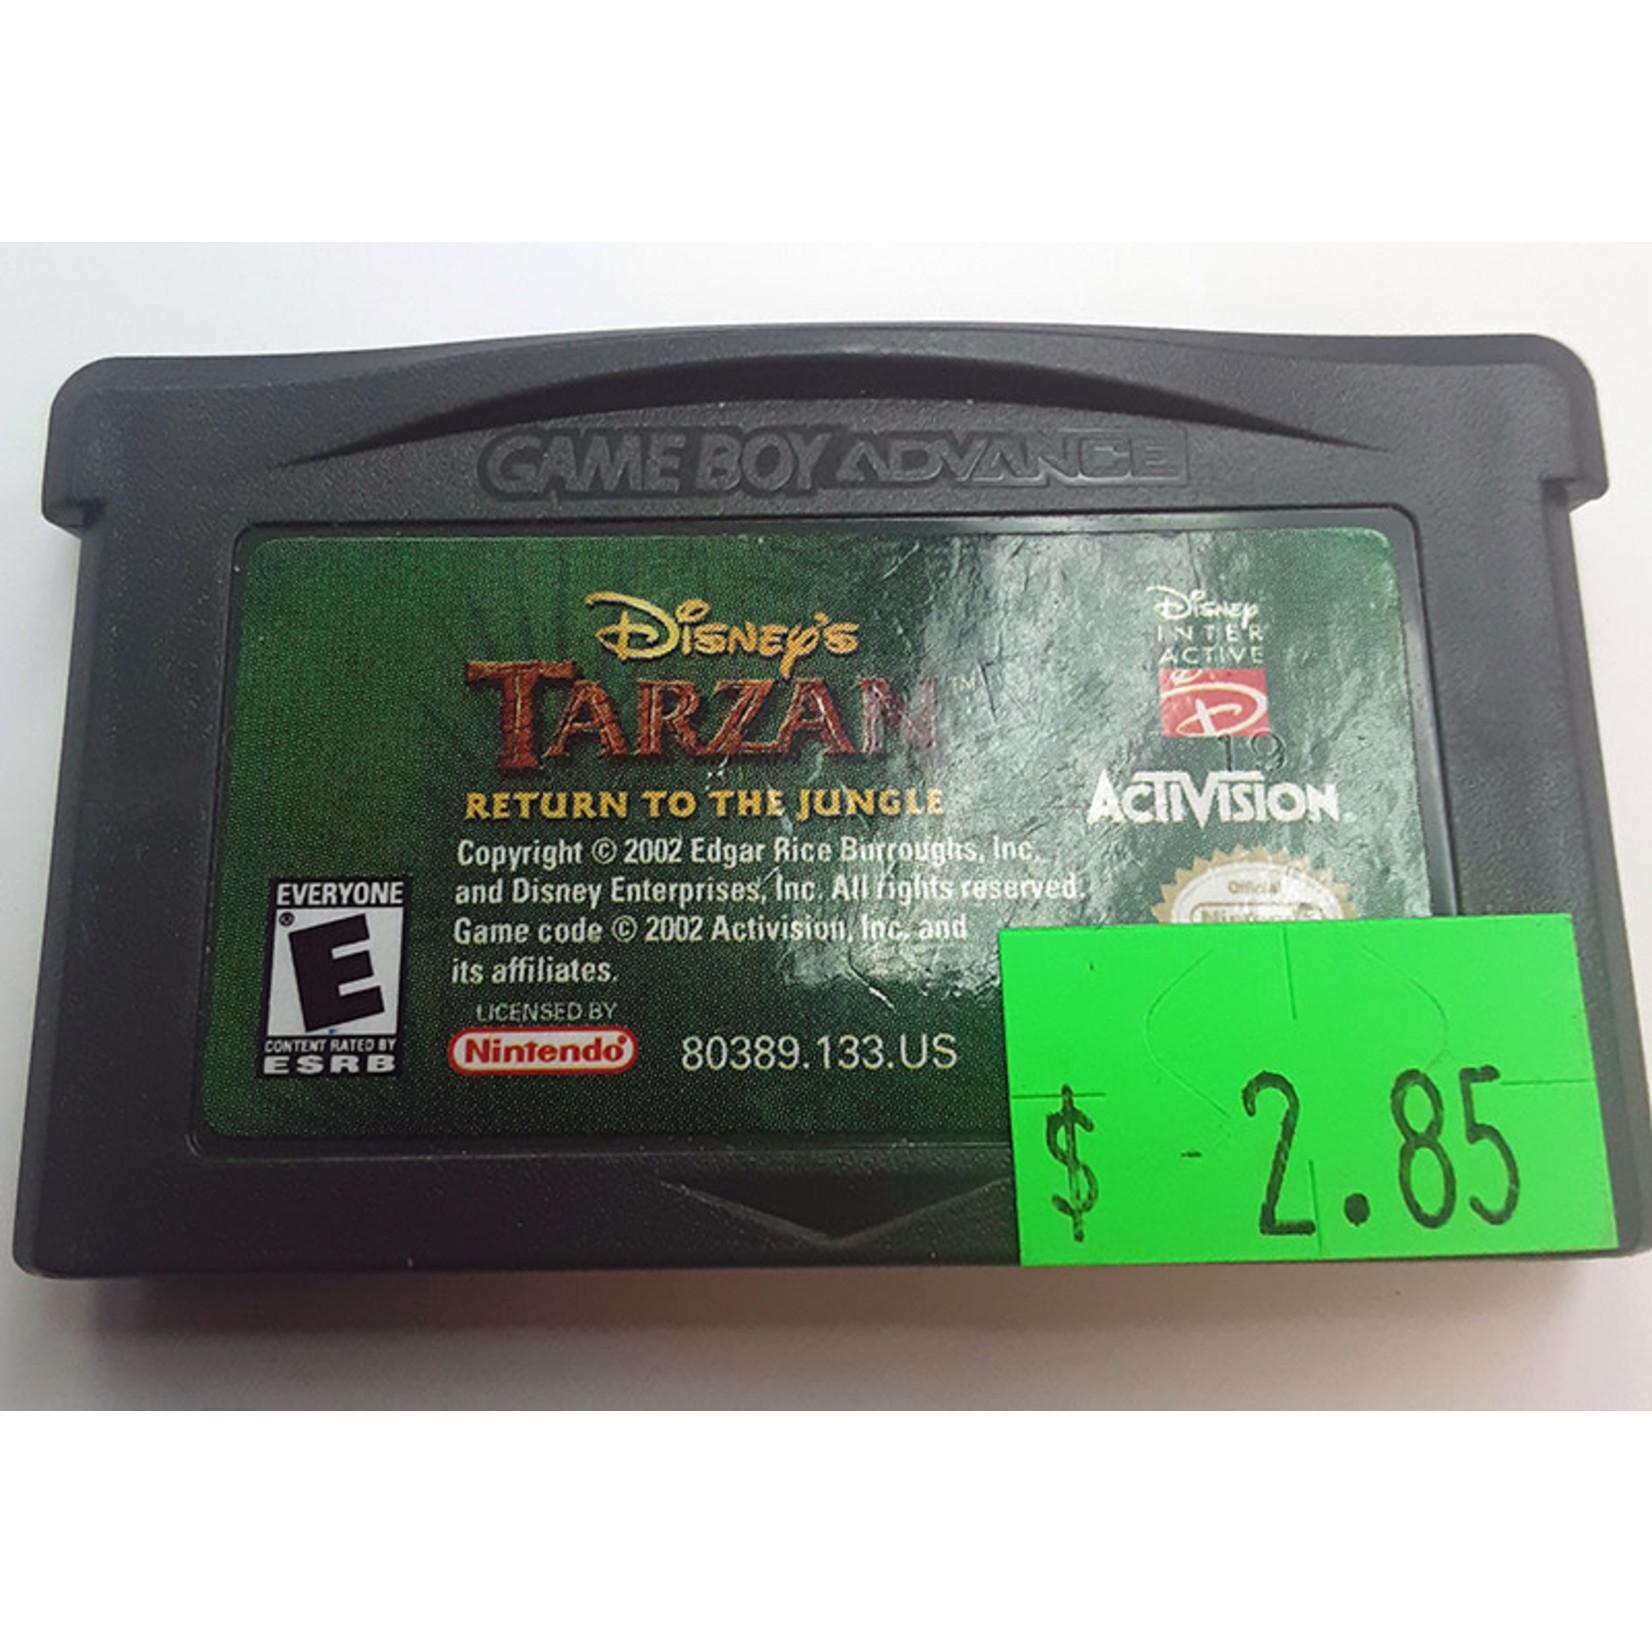 GBAu-Tarzan Return to the Jungle (cartridge)